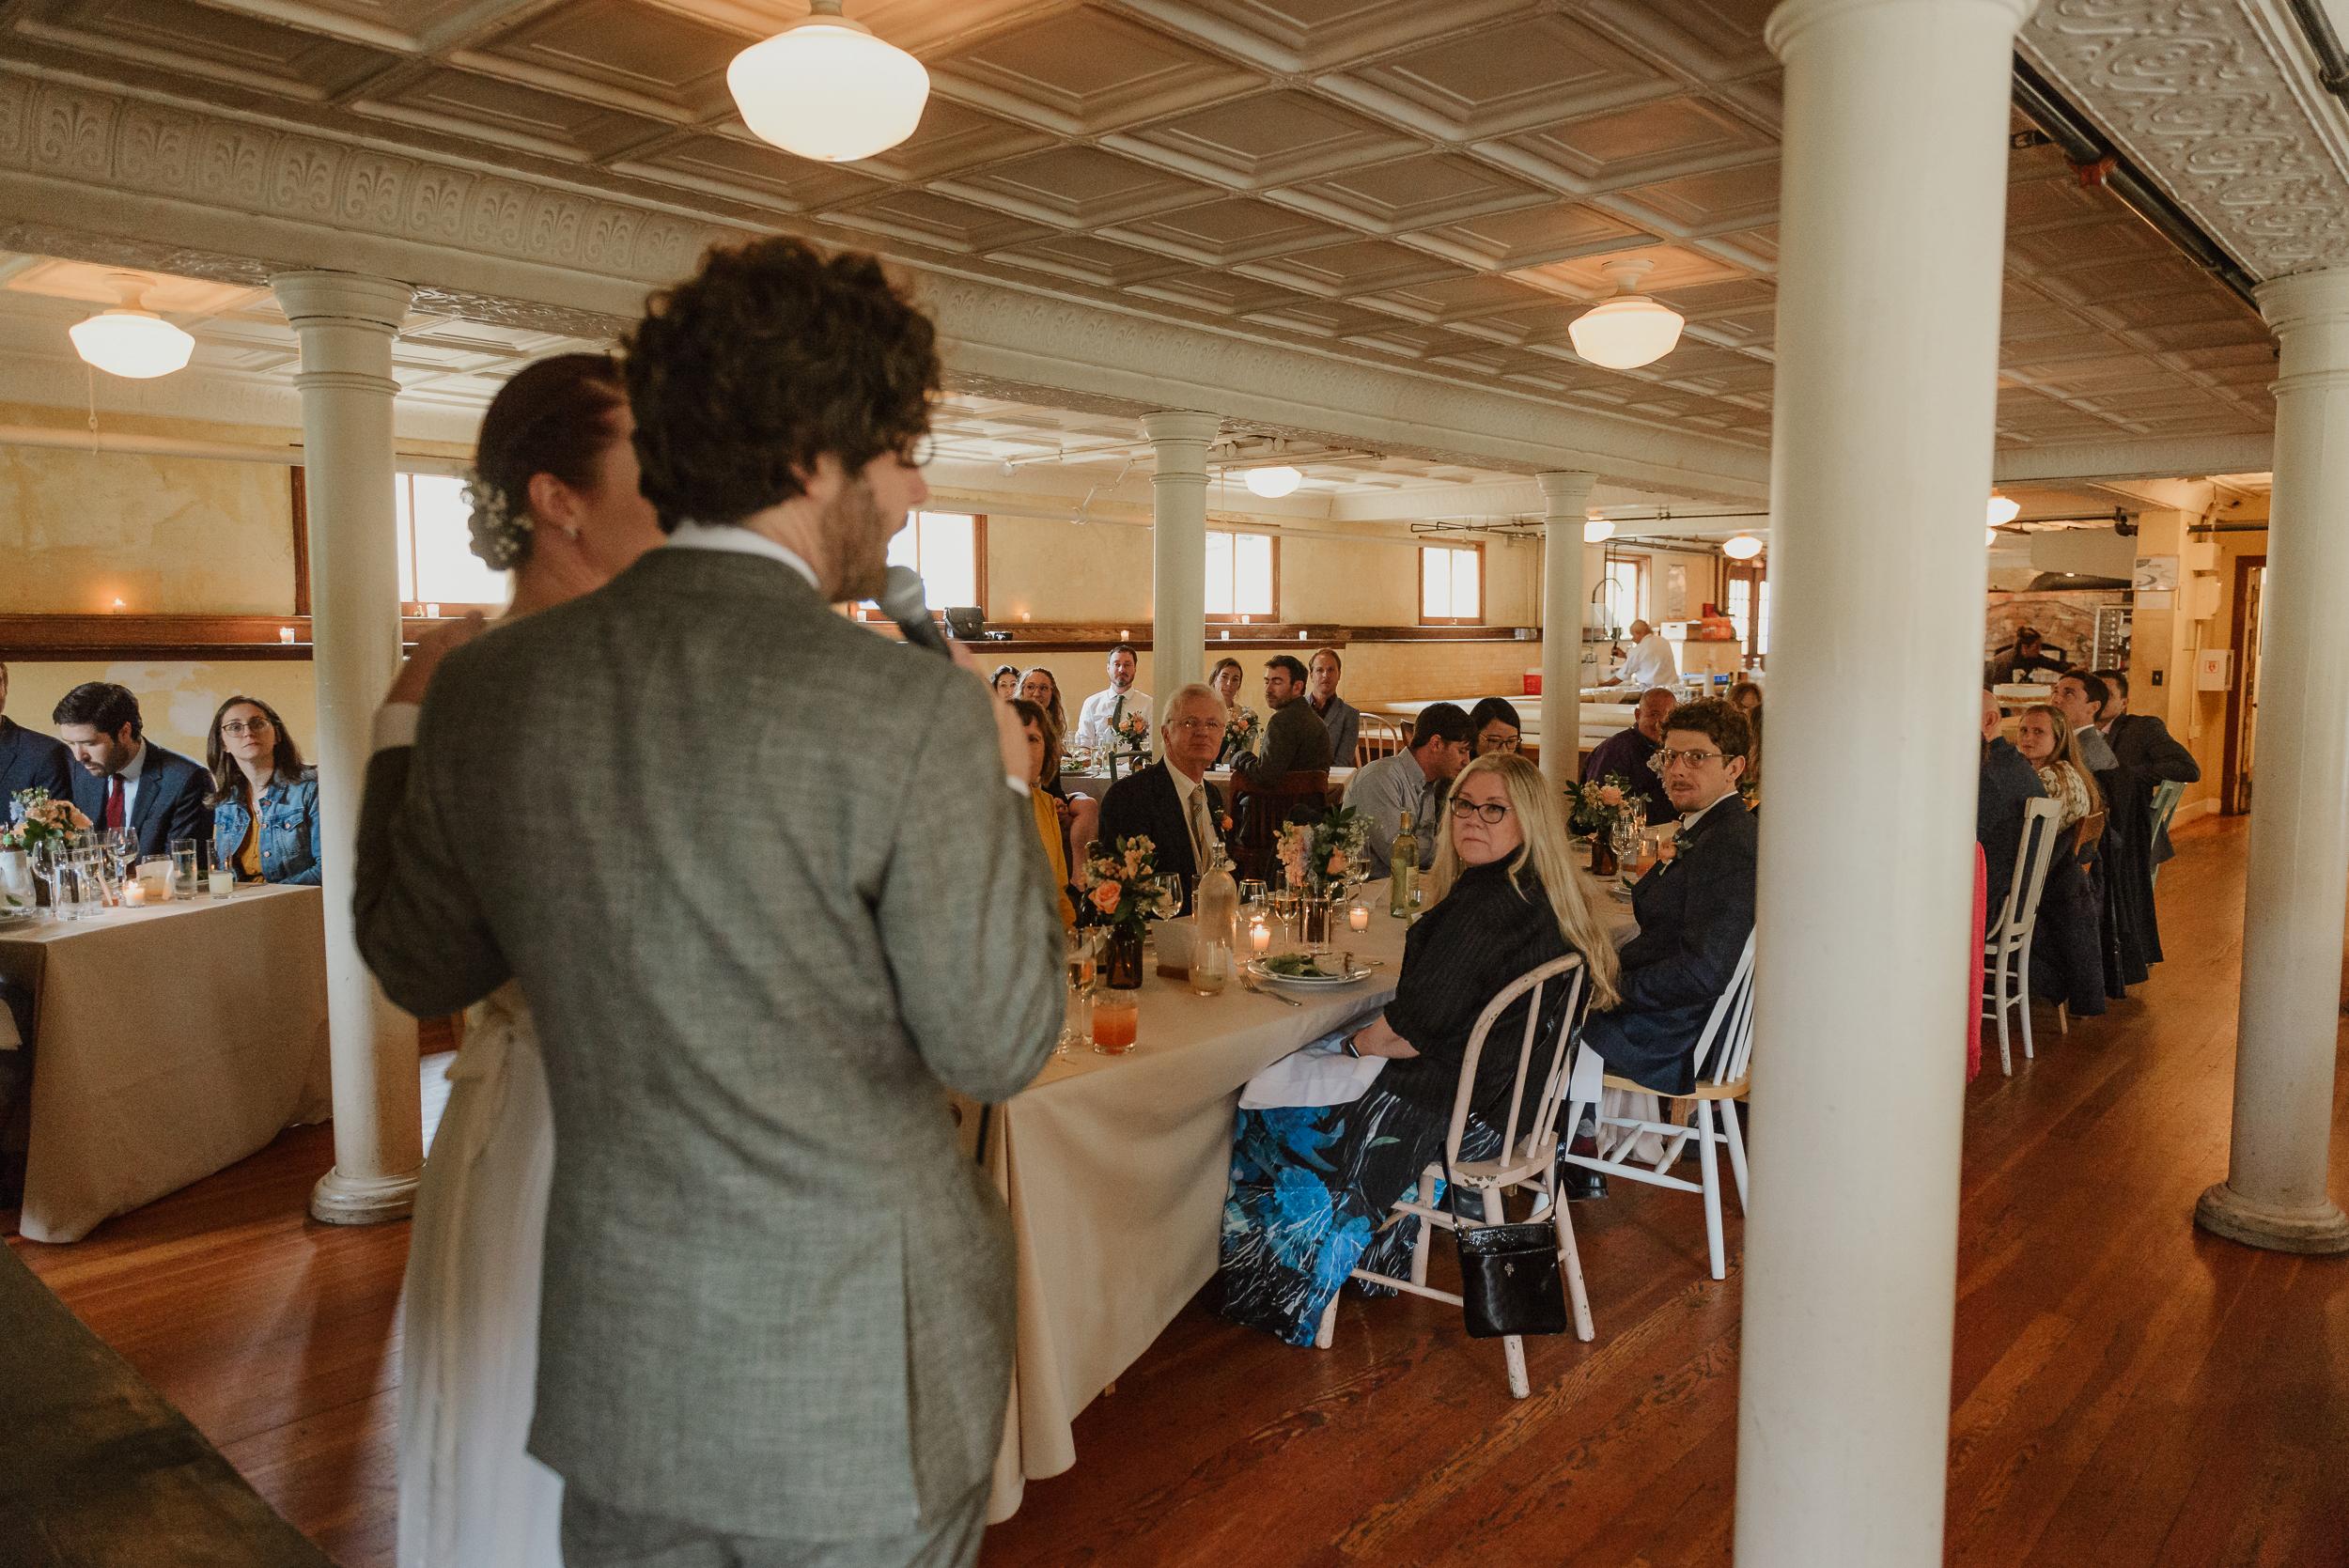 087-san-francisco-headlands-center-for-the-arts-wedding-vivianchen-484.jpg